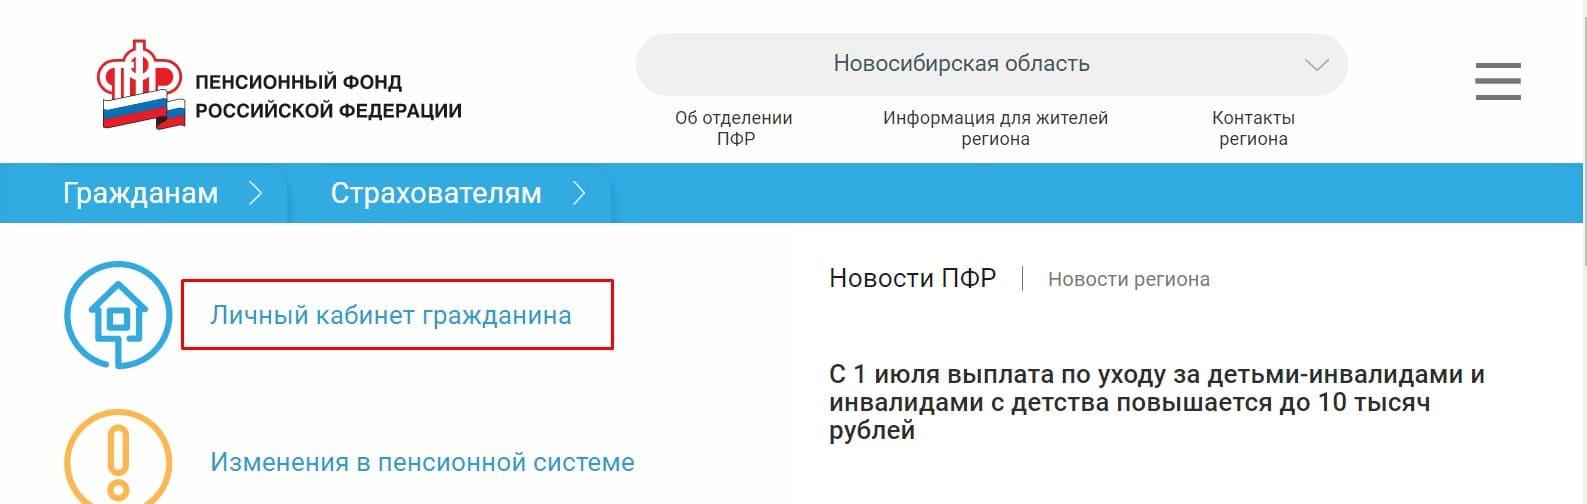 Пенсионный фонд Доволенский район